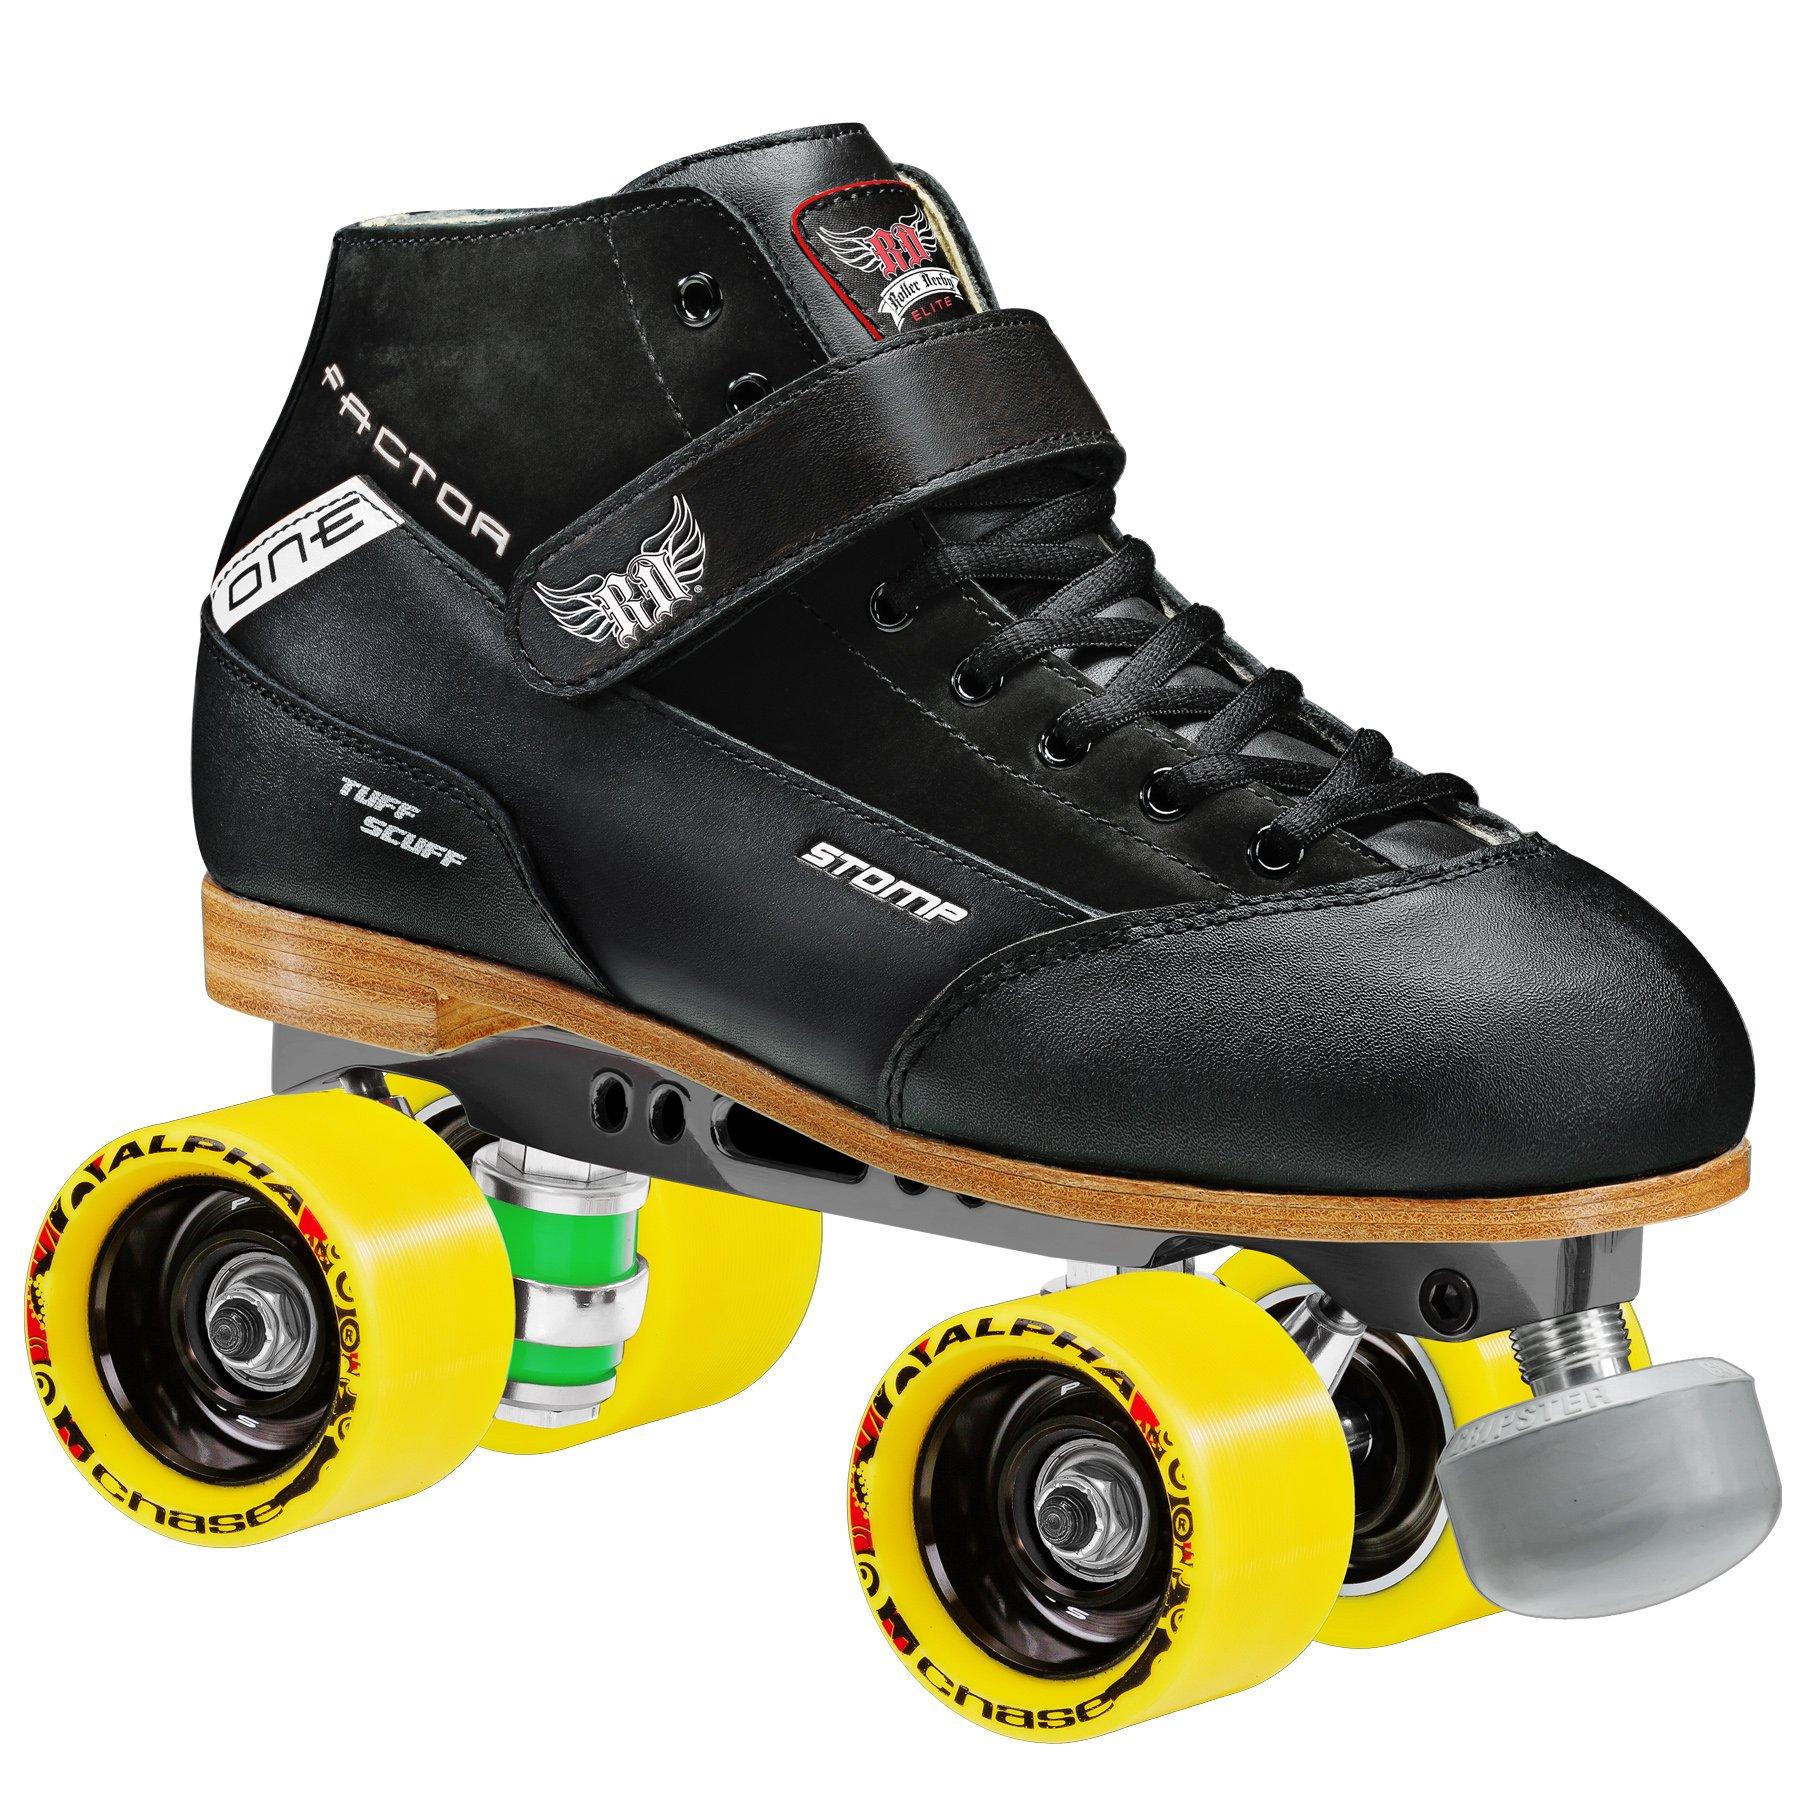 Stomp Factor-1 Derby Skates color black size 6